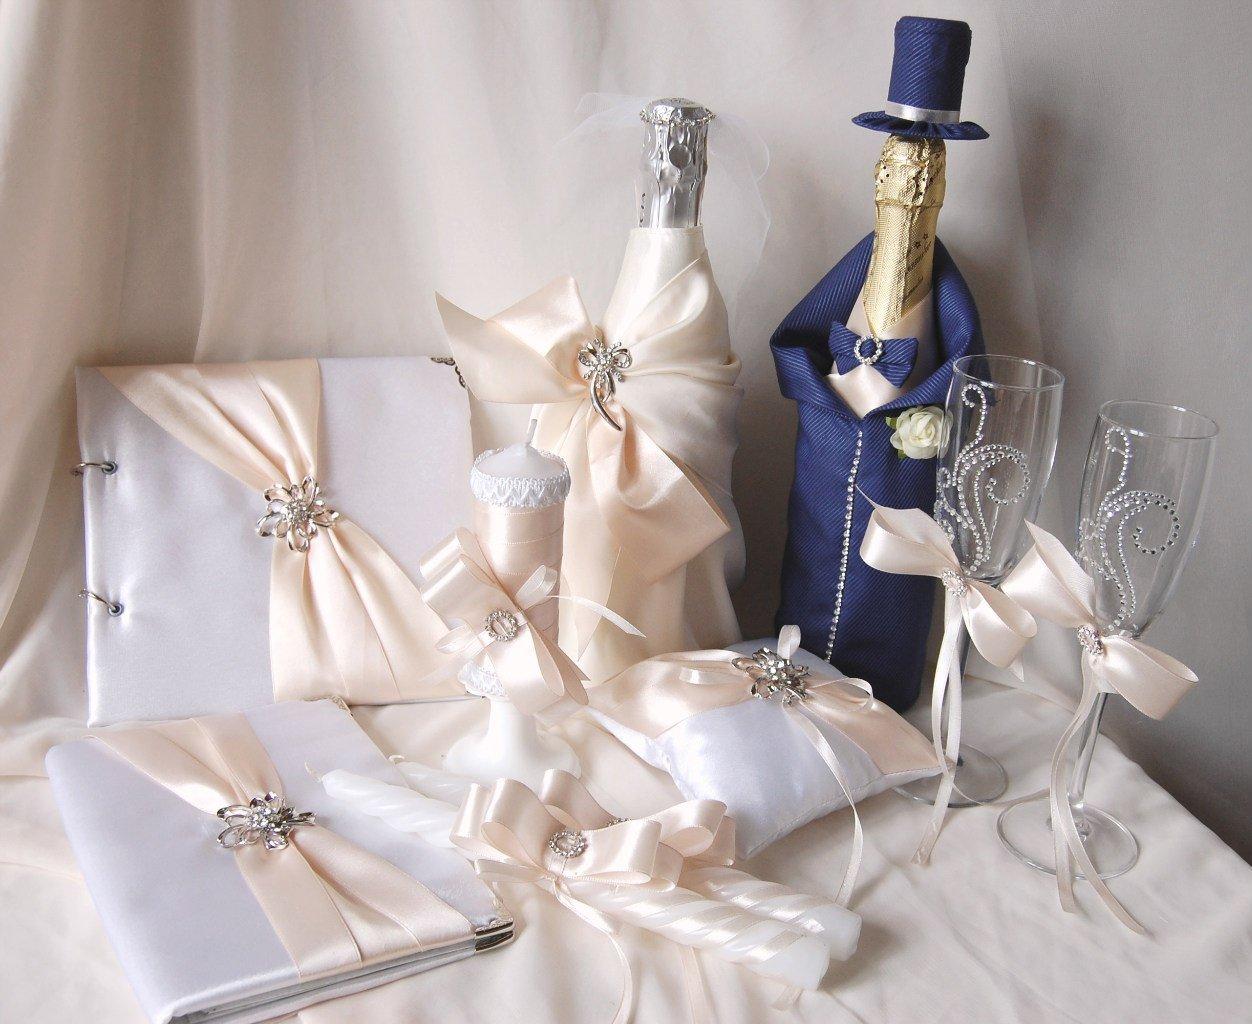 Свадьба-аксессуары своими руками